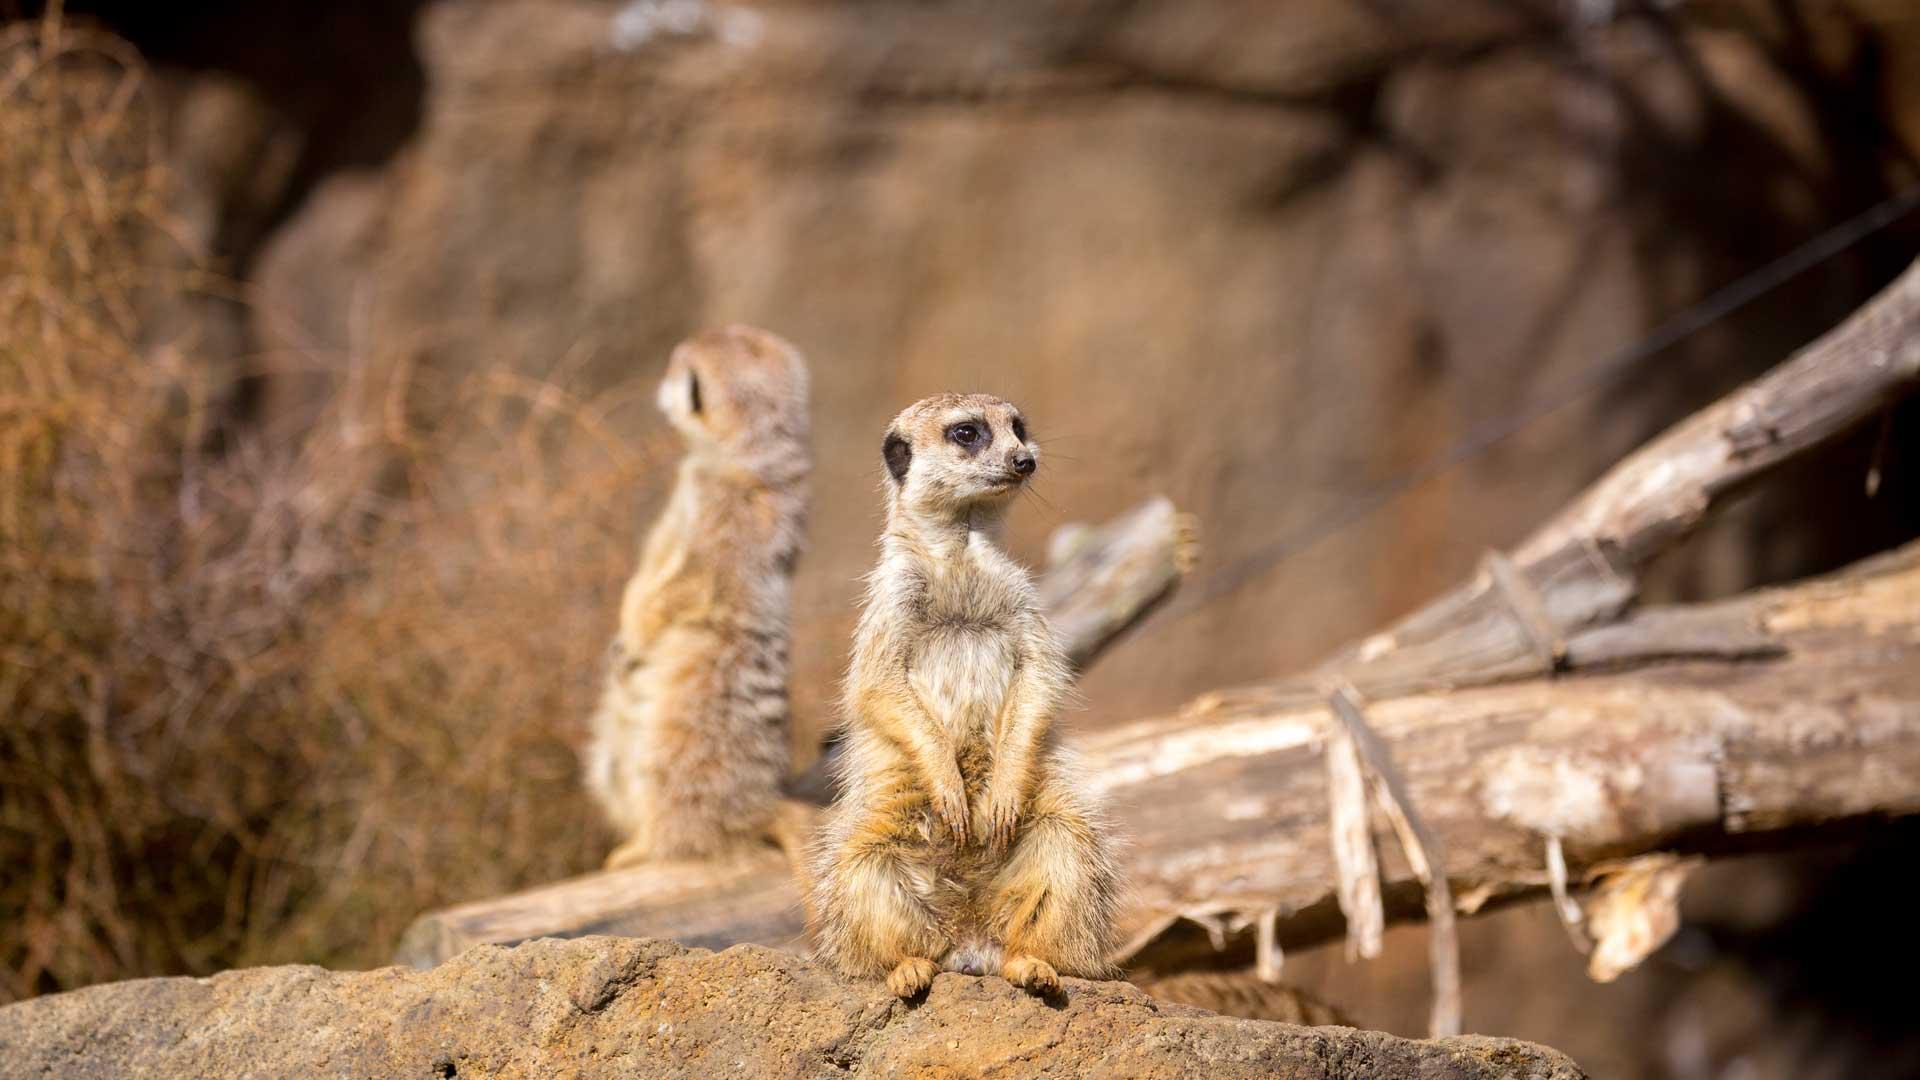 https://rfacdn.nz/zoo/assets/media/meerkat-gallery-5.jpg